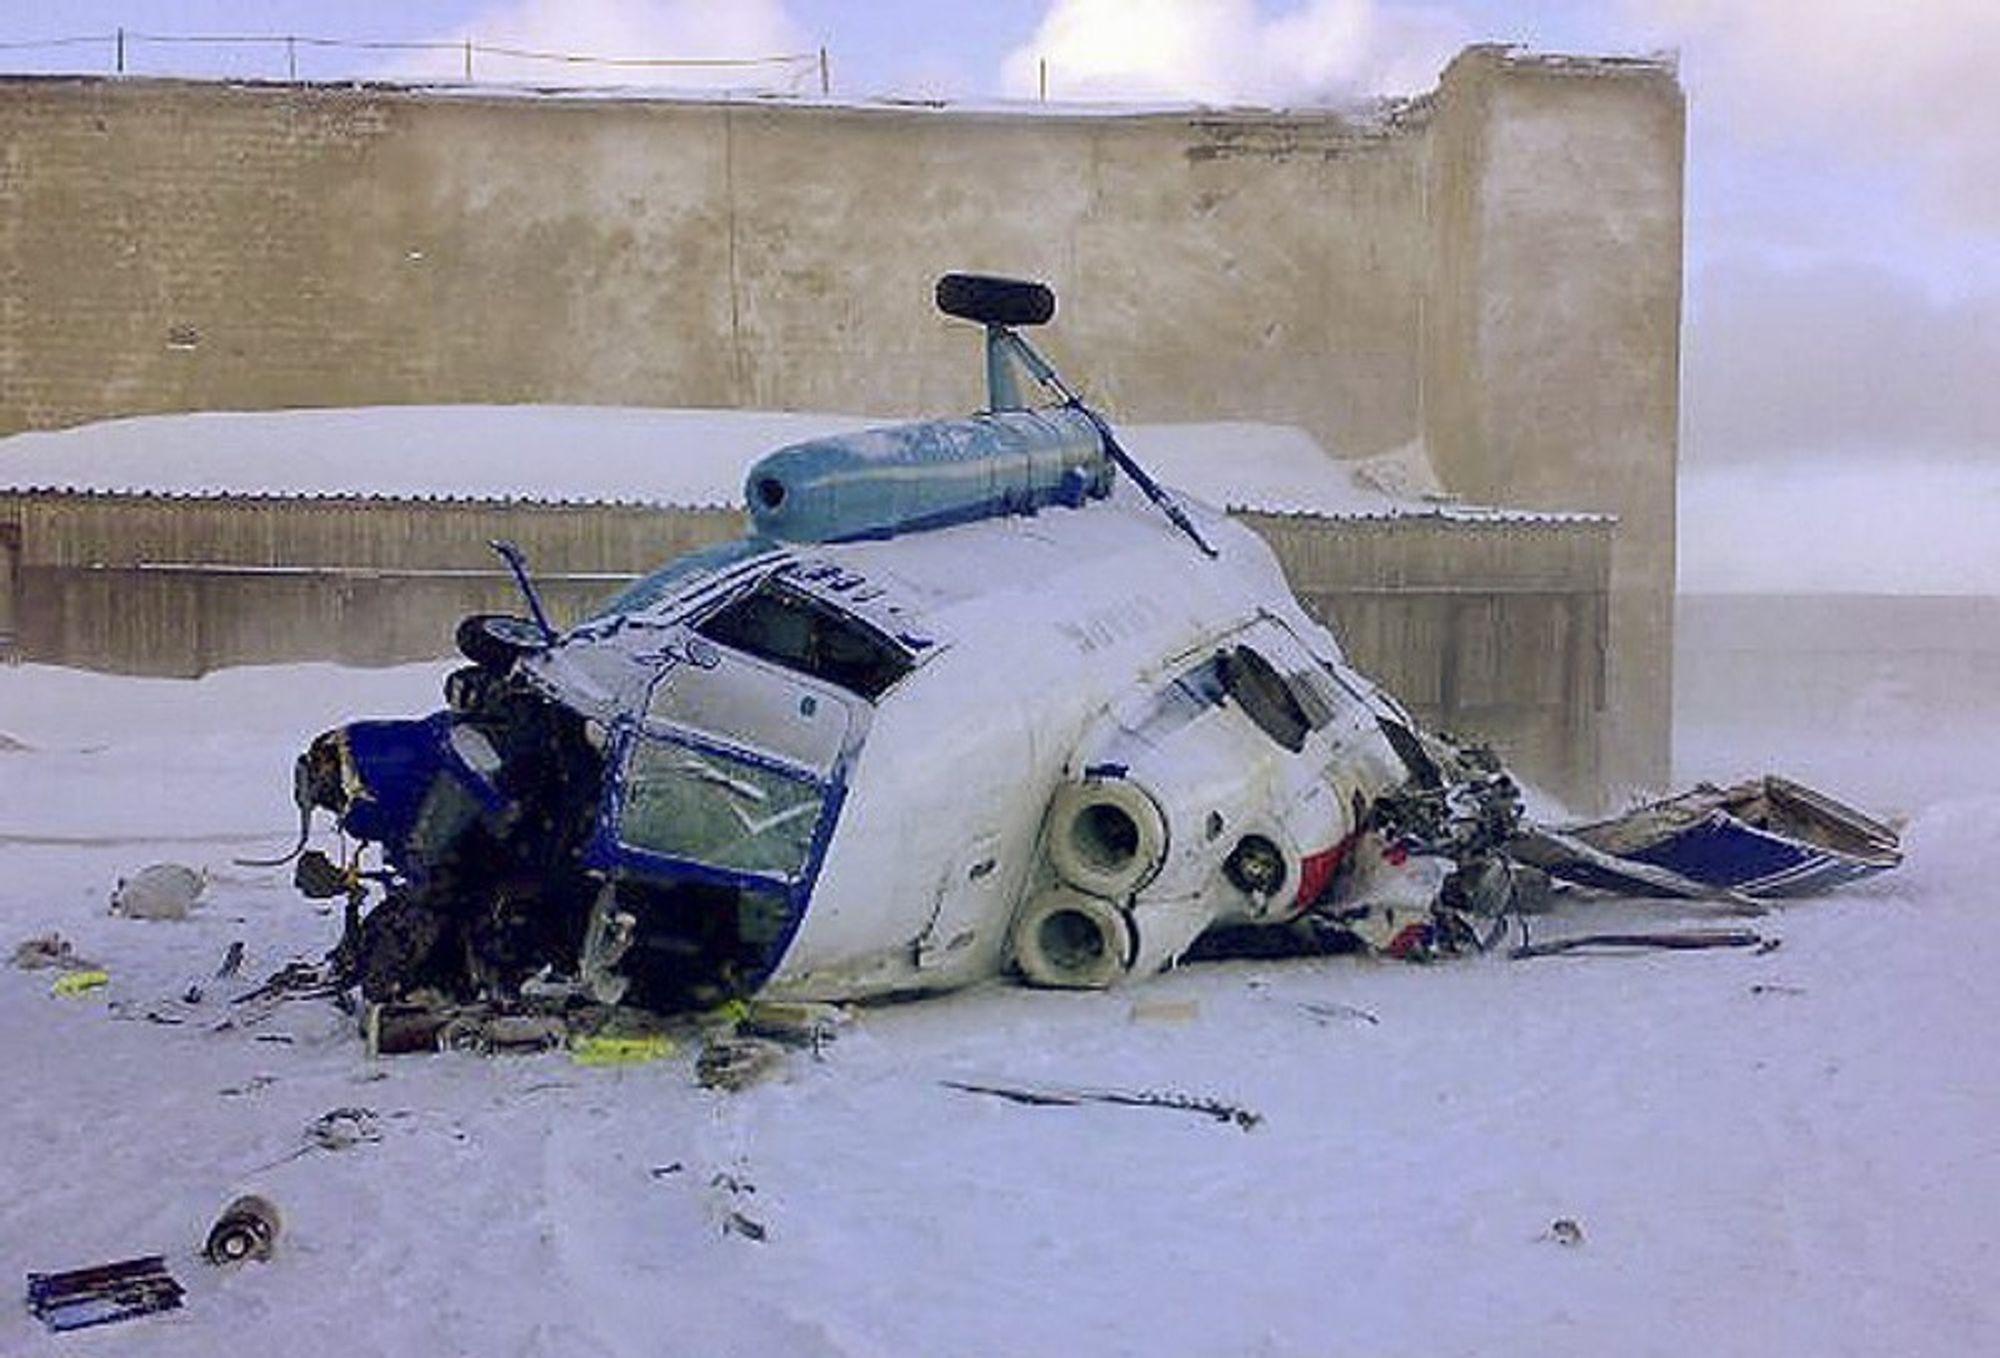 Helikopteret av typem Mil Mi-8 styrtet på landingsbasen på Kapp Heer ved Barentsburg søndag ettermiddag.